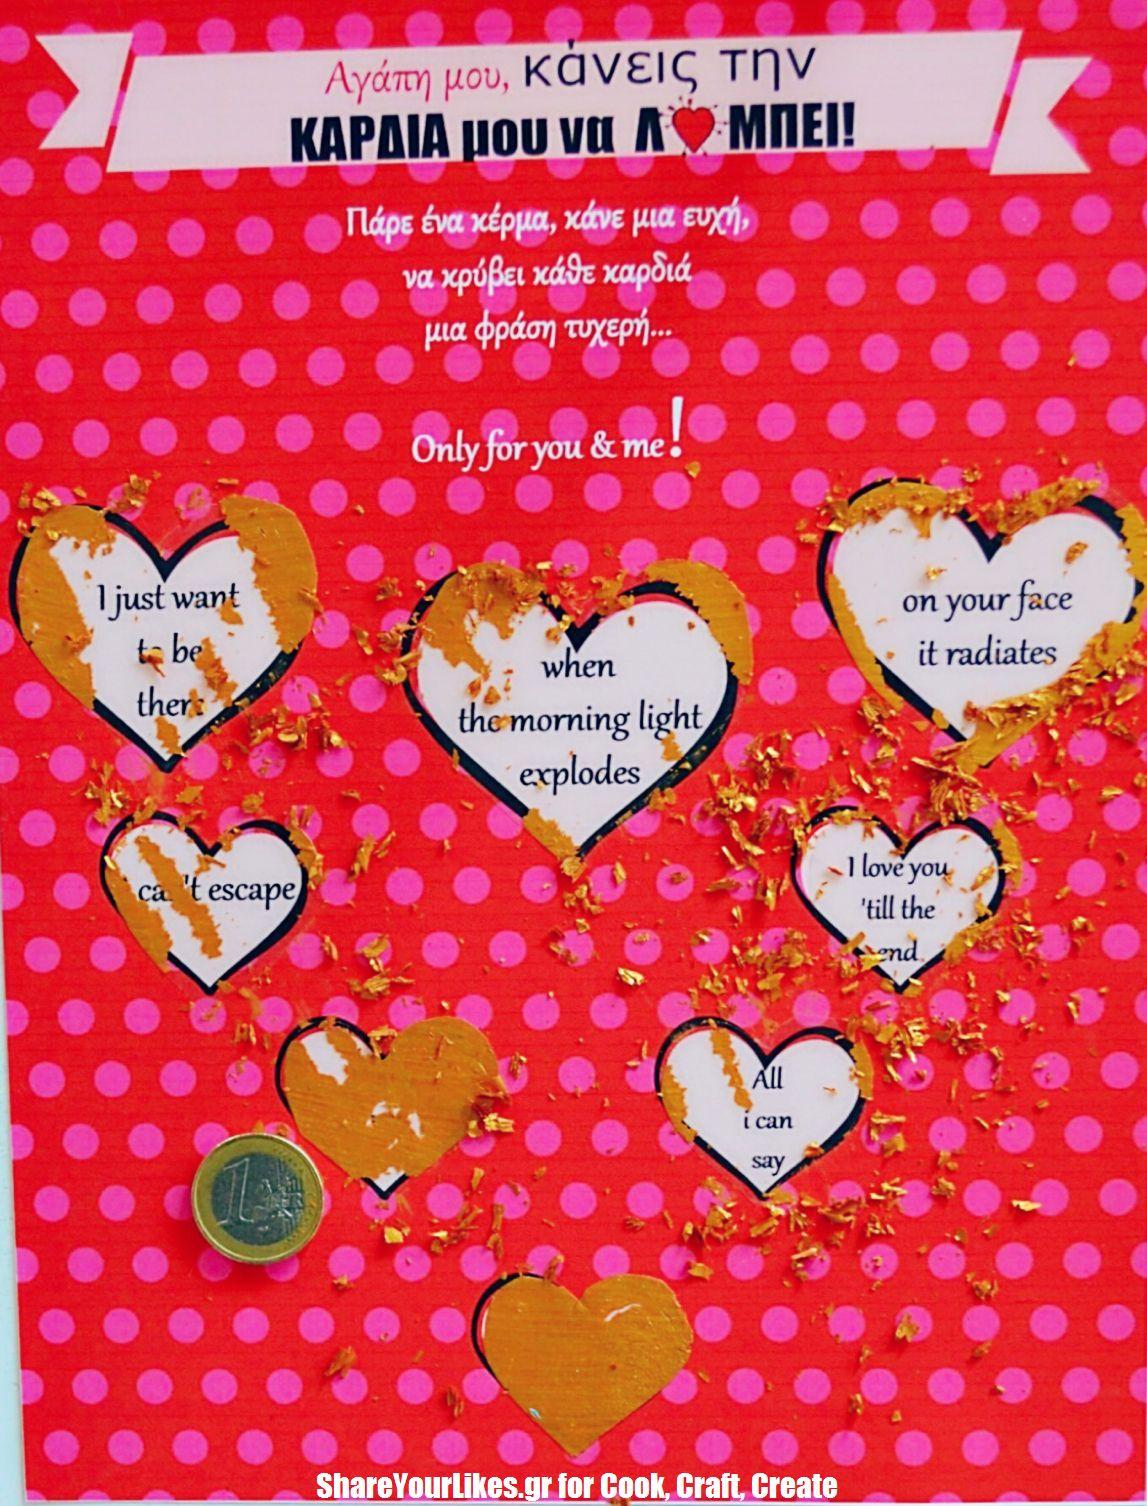 κάρτα ξυστό για ερωτευμένους